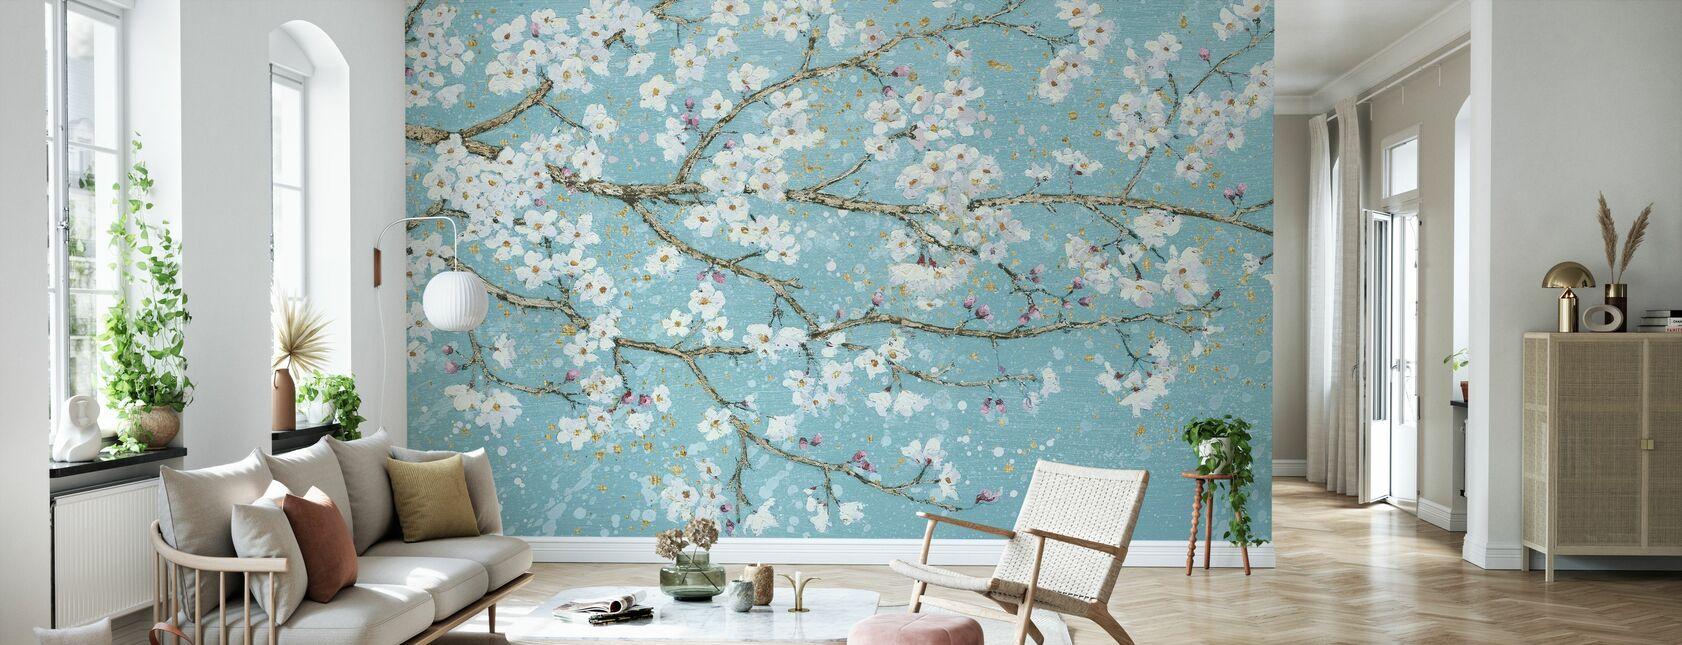 April Breeze I Teal - Wallpaper - Living Room